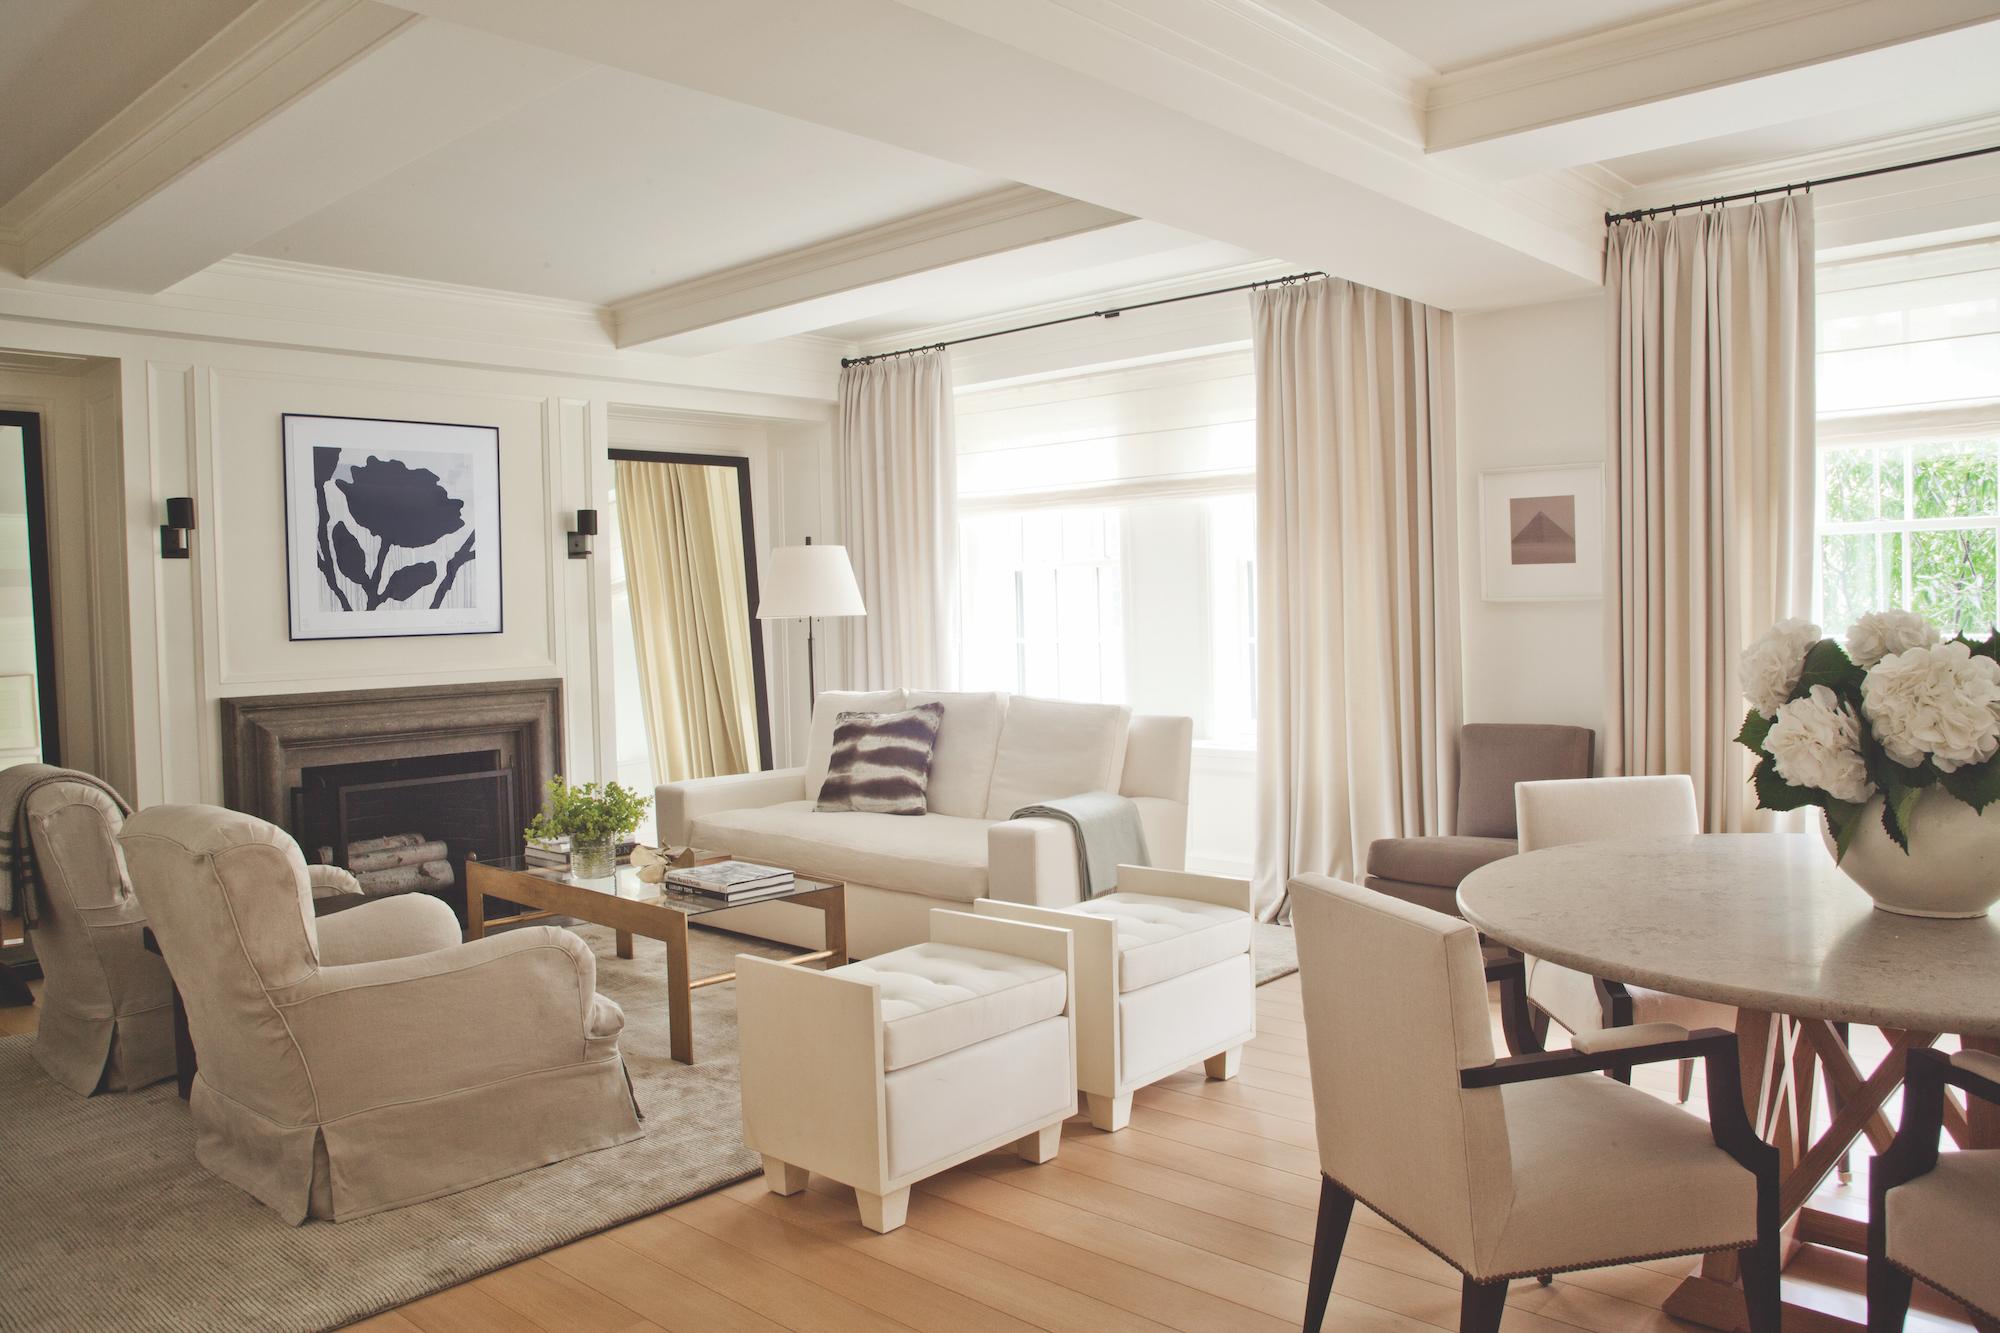 Living_Room_WIDE-36.jpg